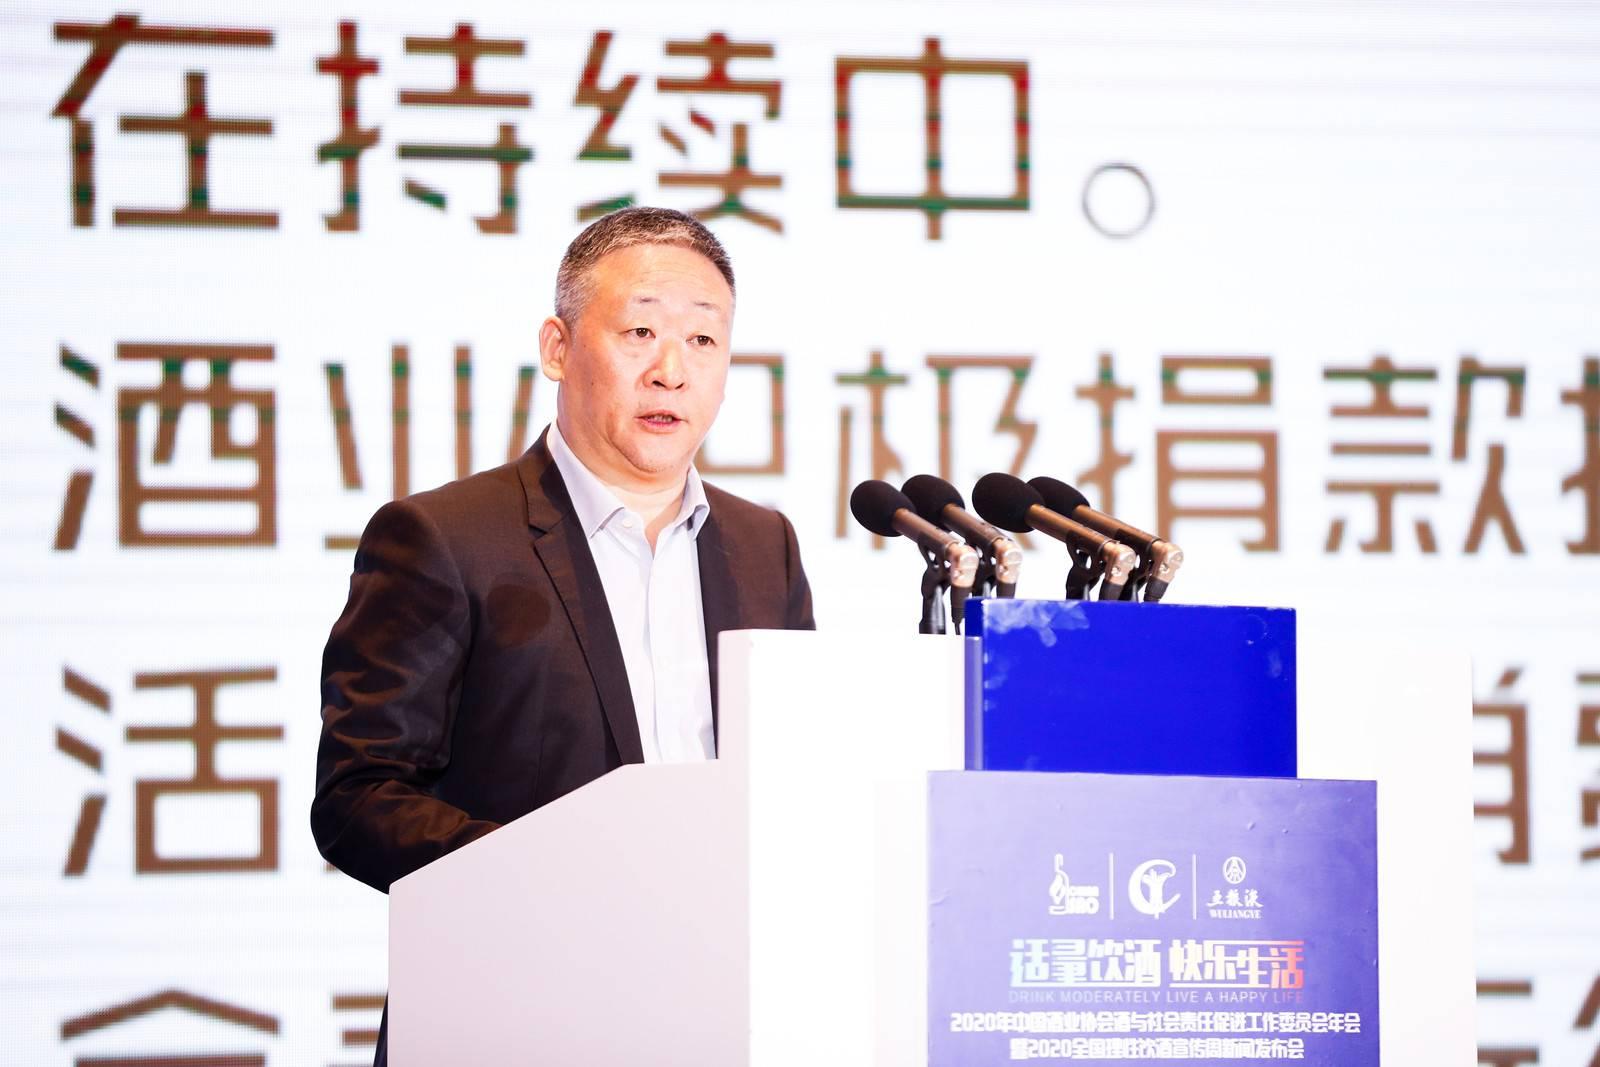 中国酒业协会理事长宋书玉